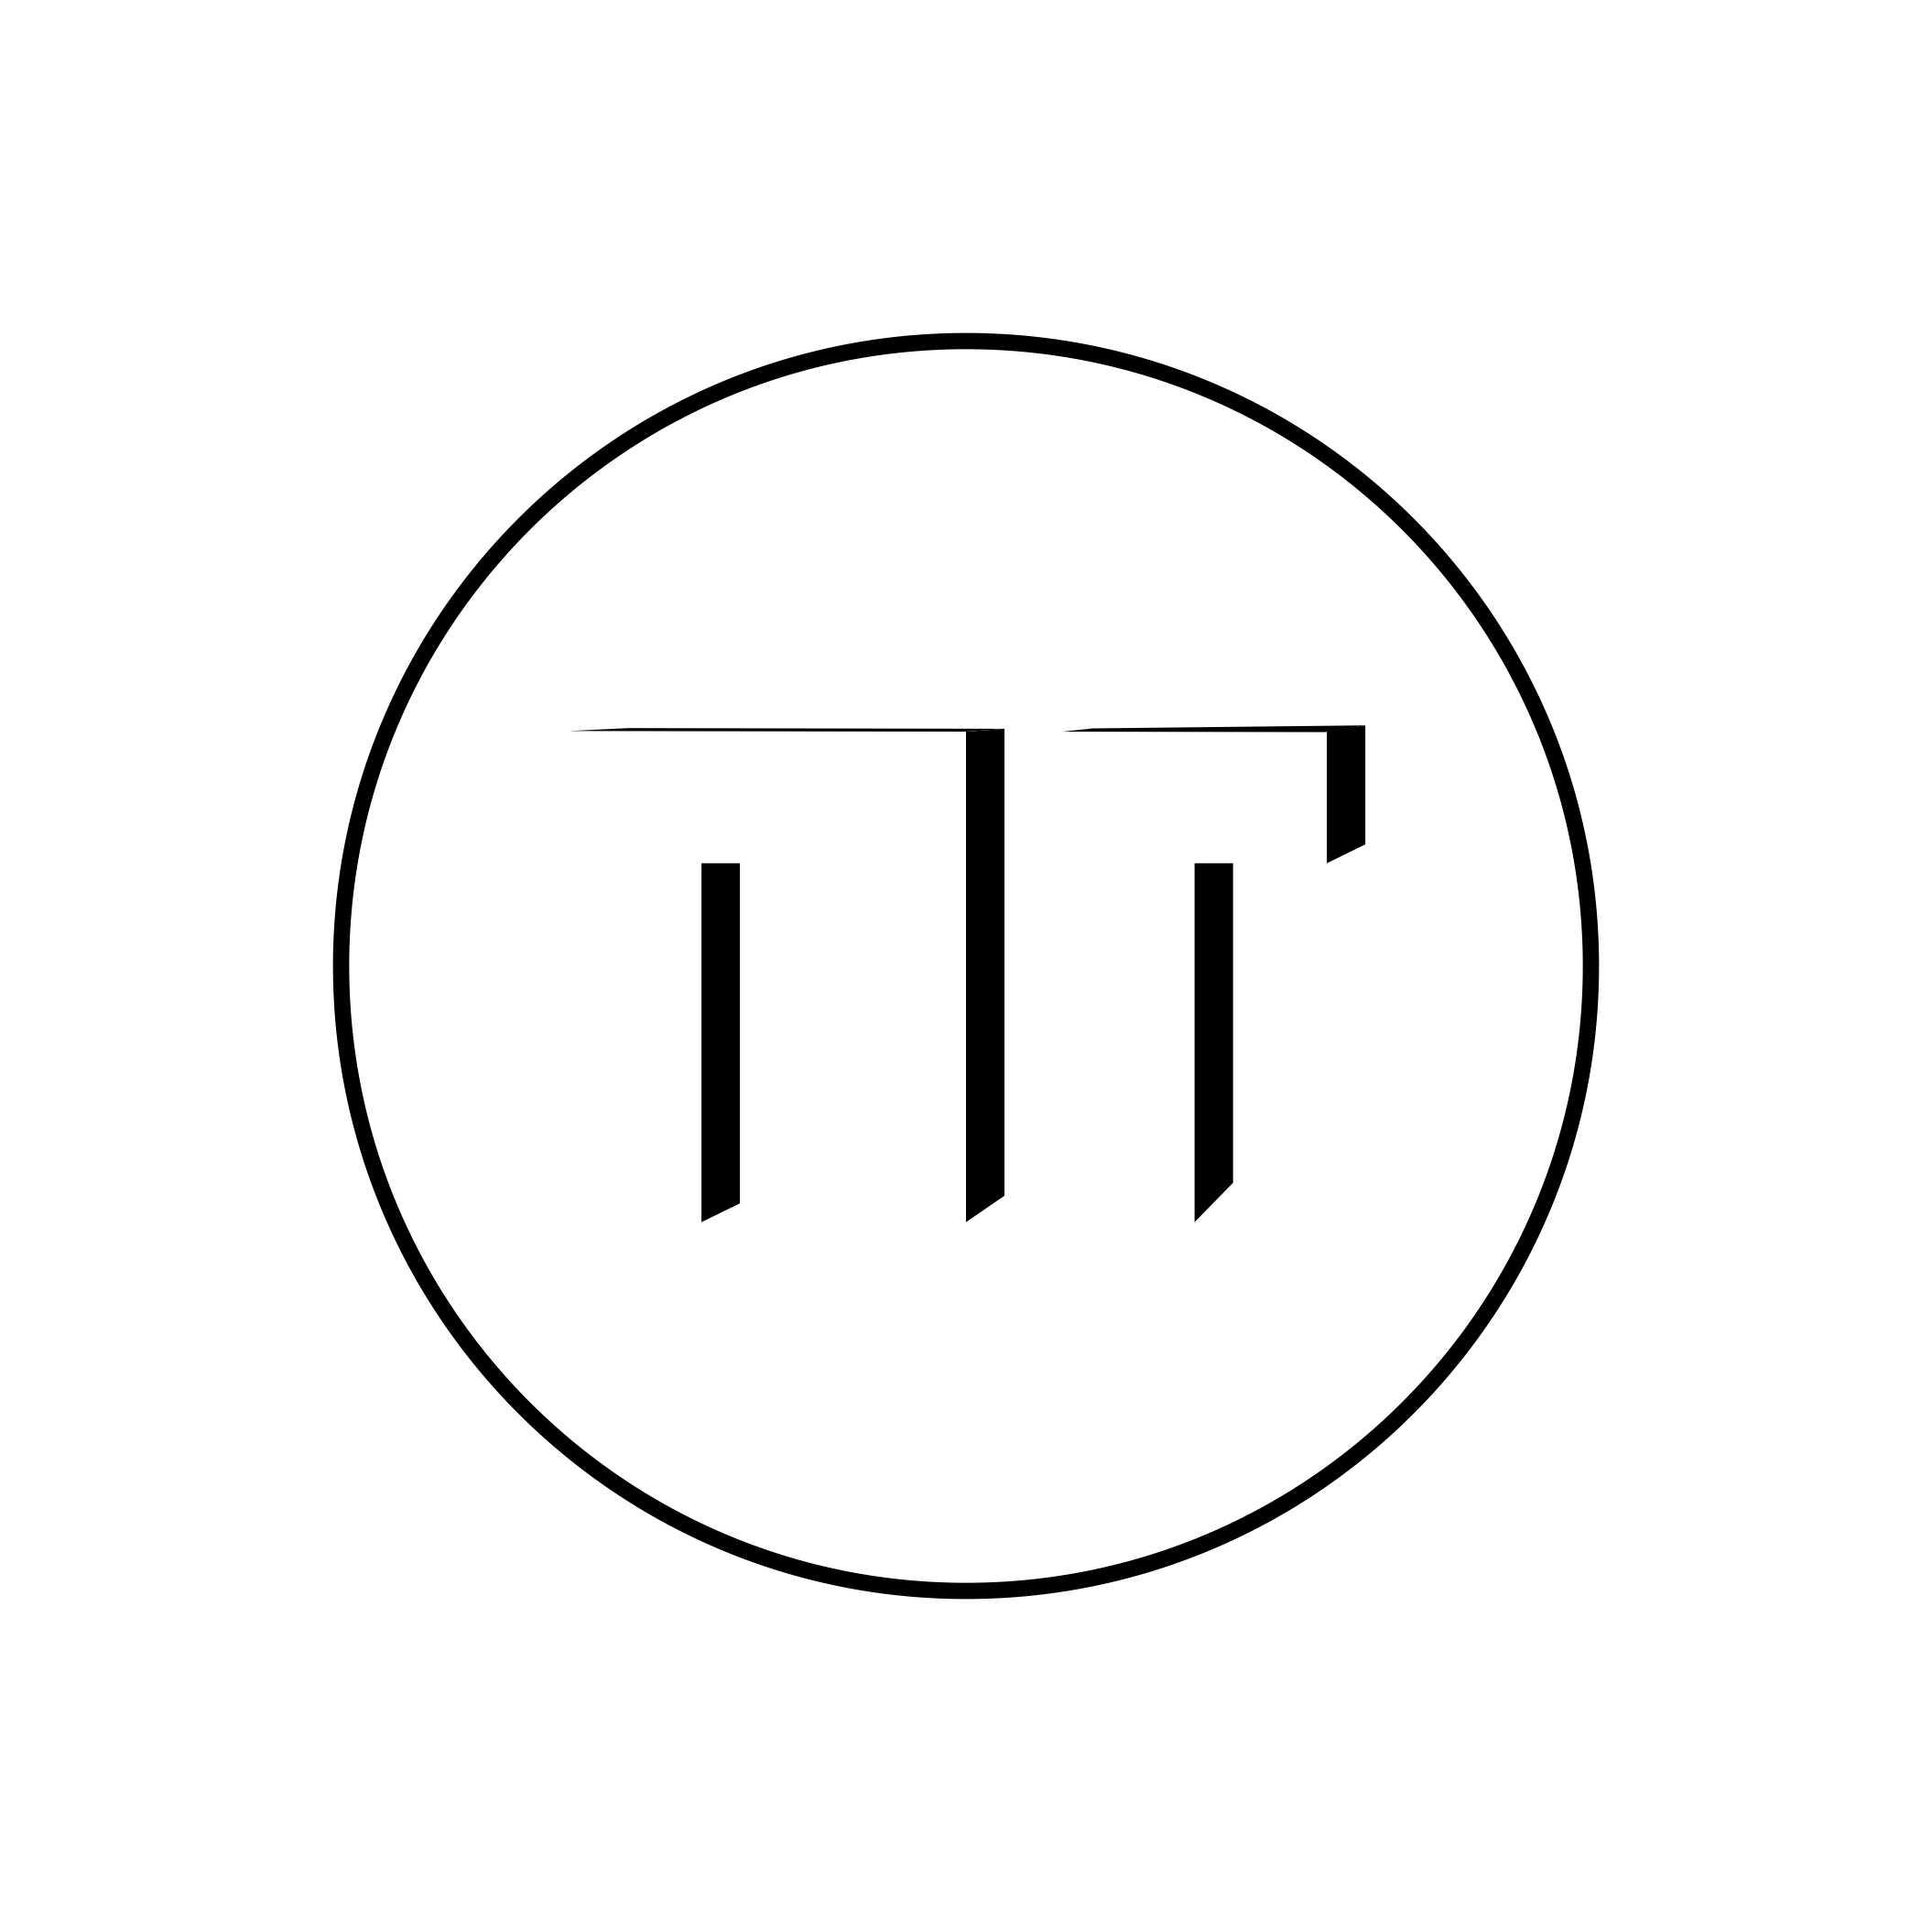 Логотип для Крафтовой Пивоварни фото f_1445cb1aecbbf32c.jpg